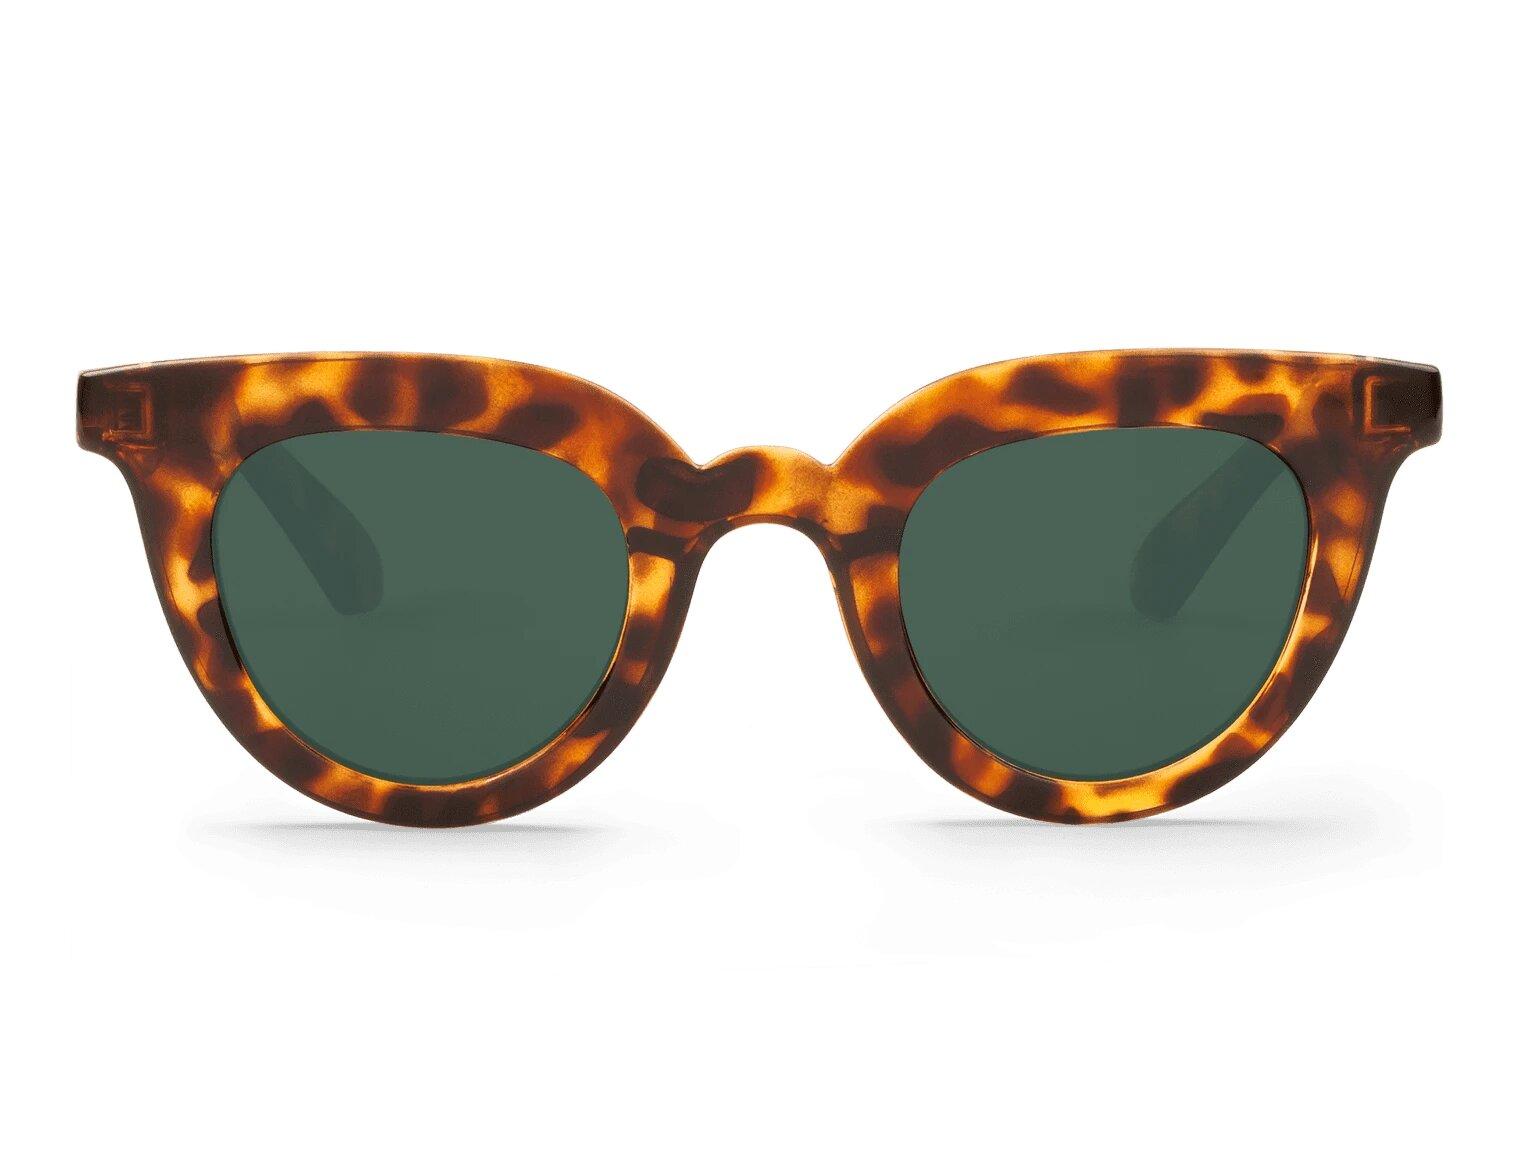 Gafas cheetah tortoise HAYES MR. BOHO